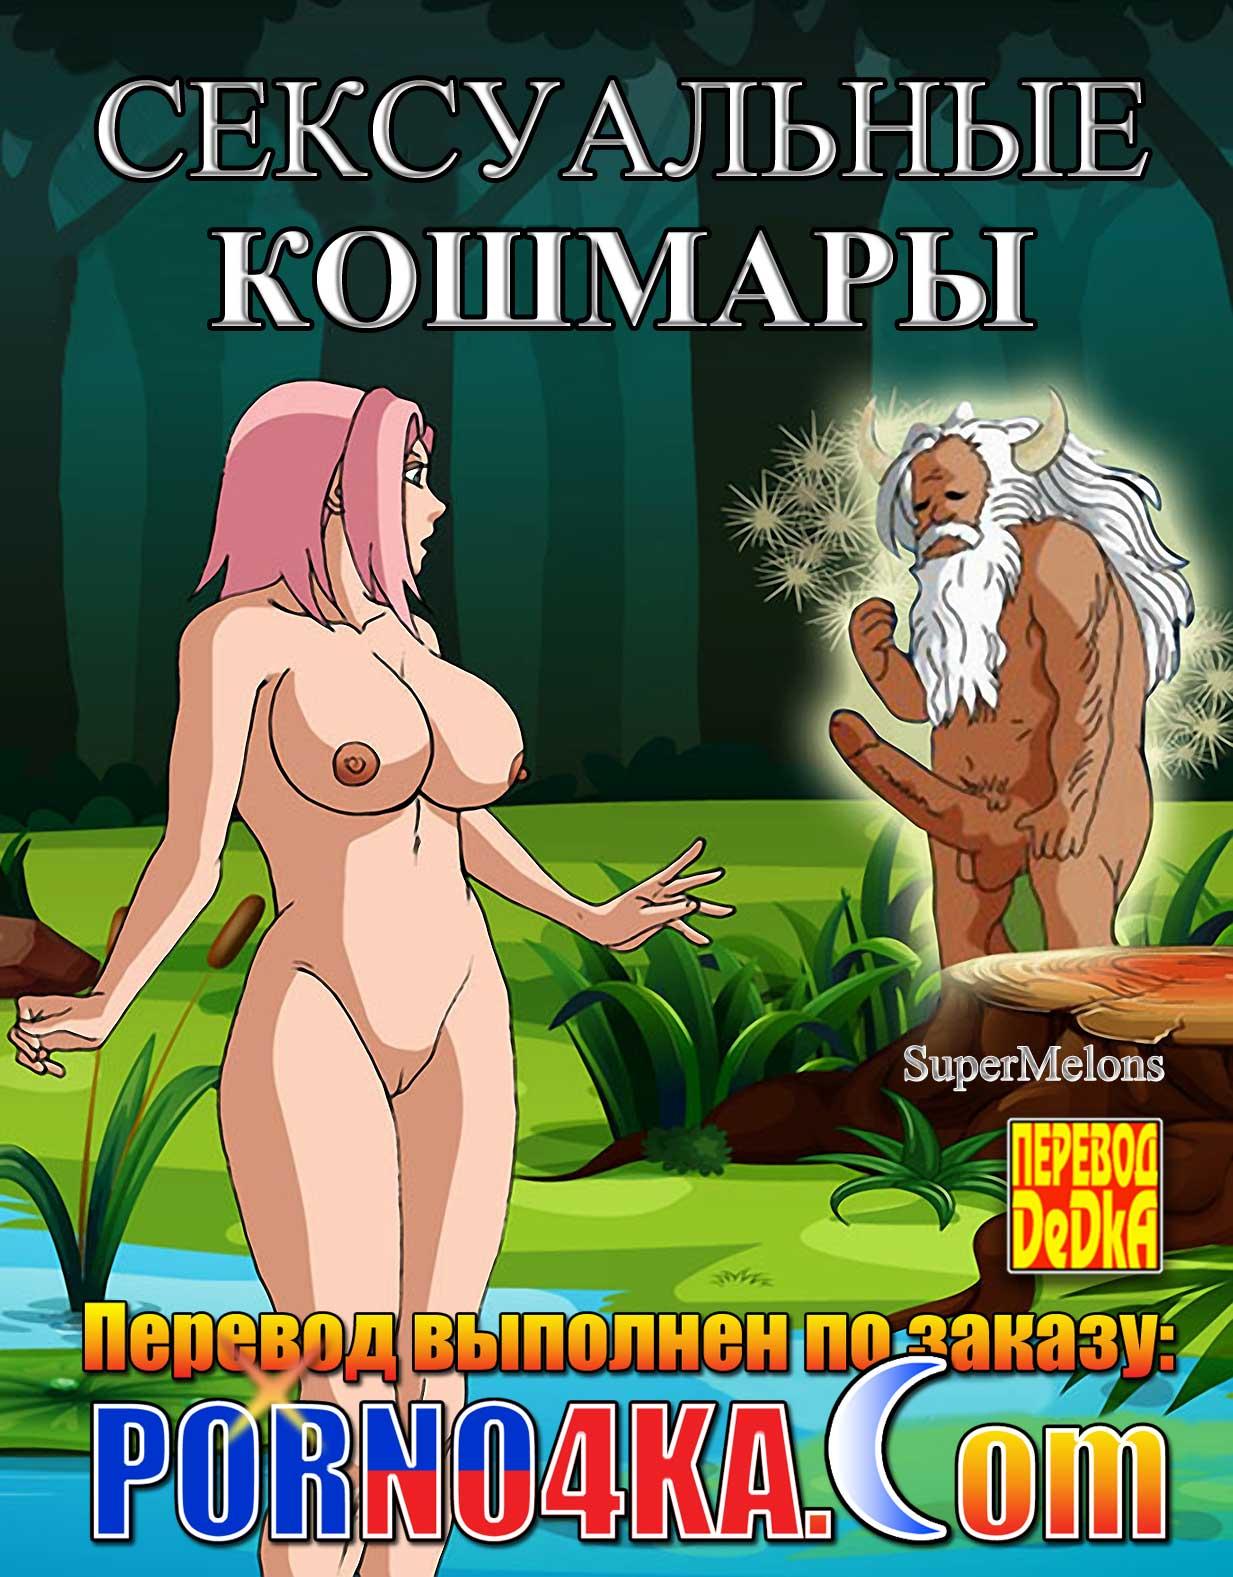 порно комикс сексуальные кошмары